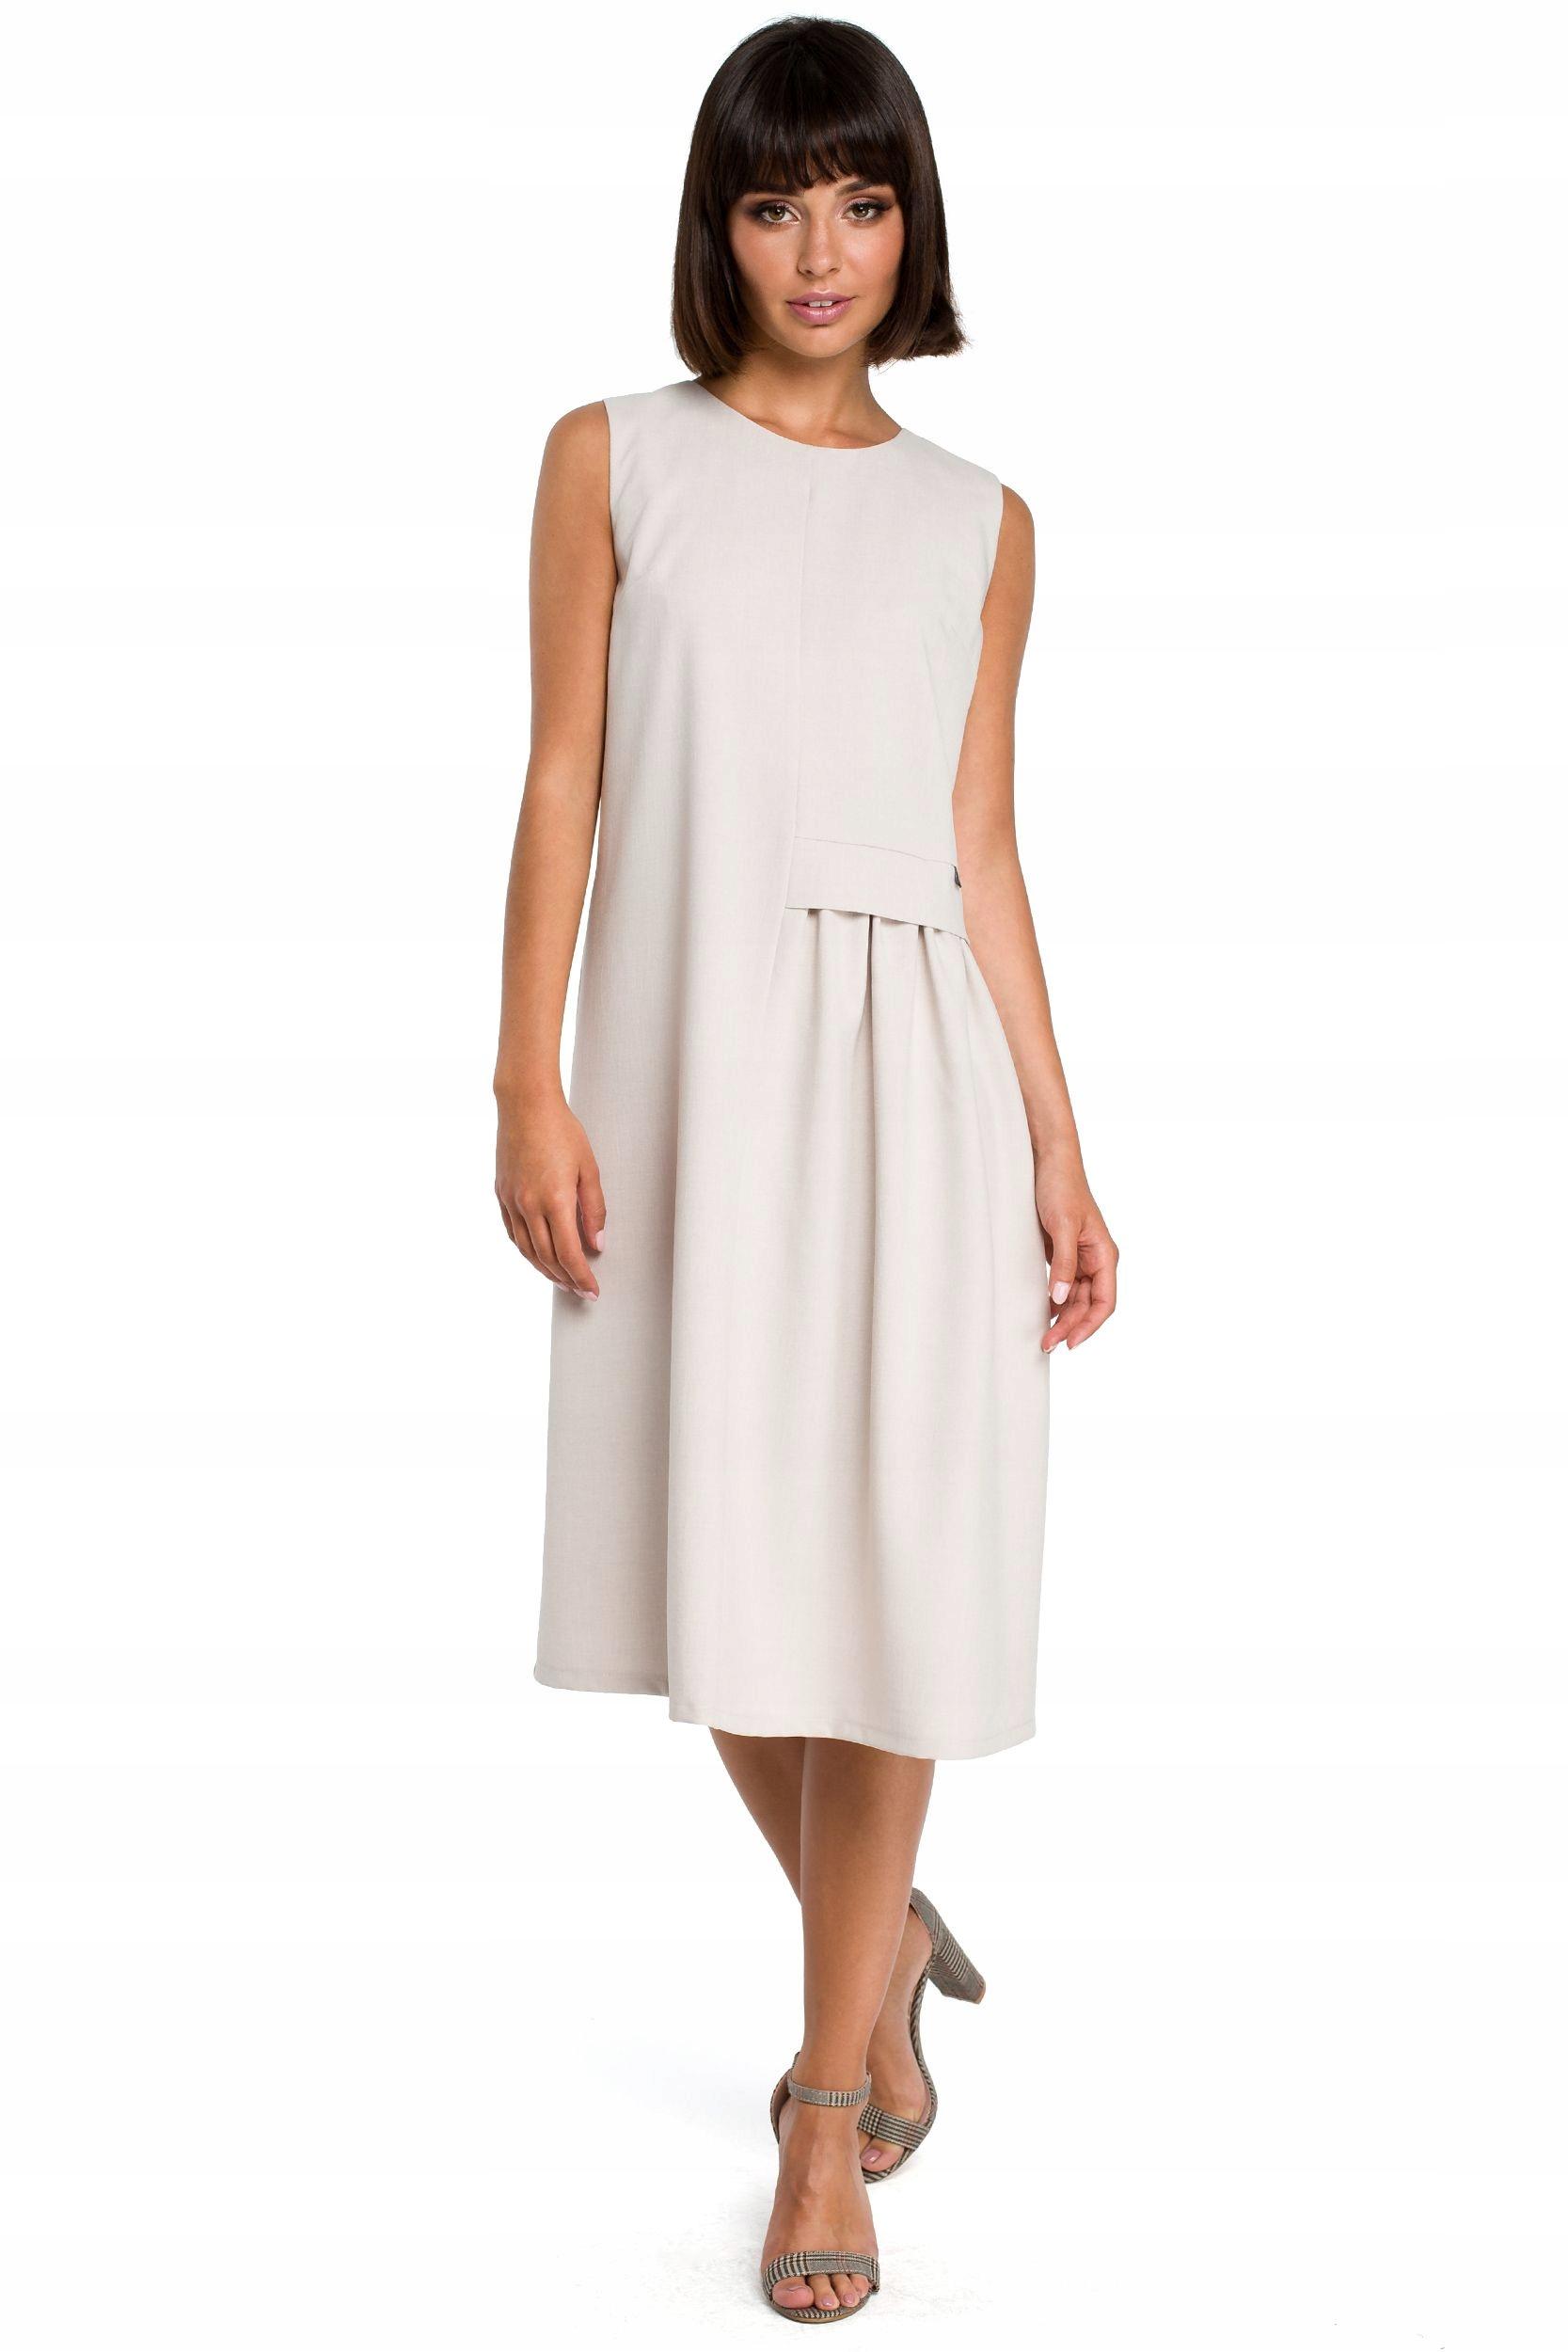 B080 Zwiewna sukienka midi bez rękawów - beżowa 40